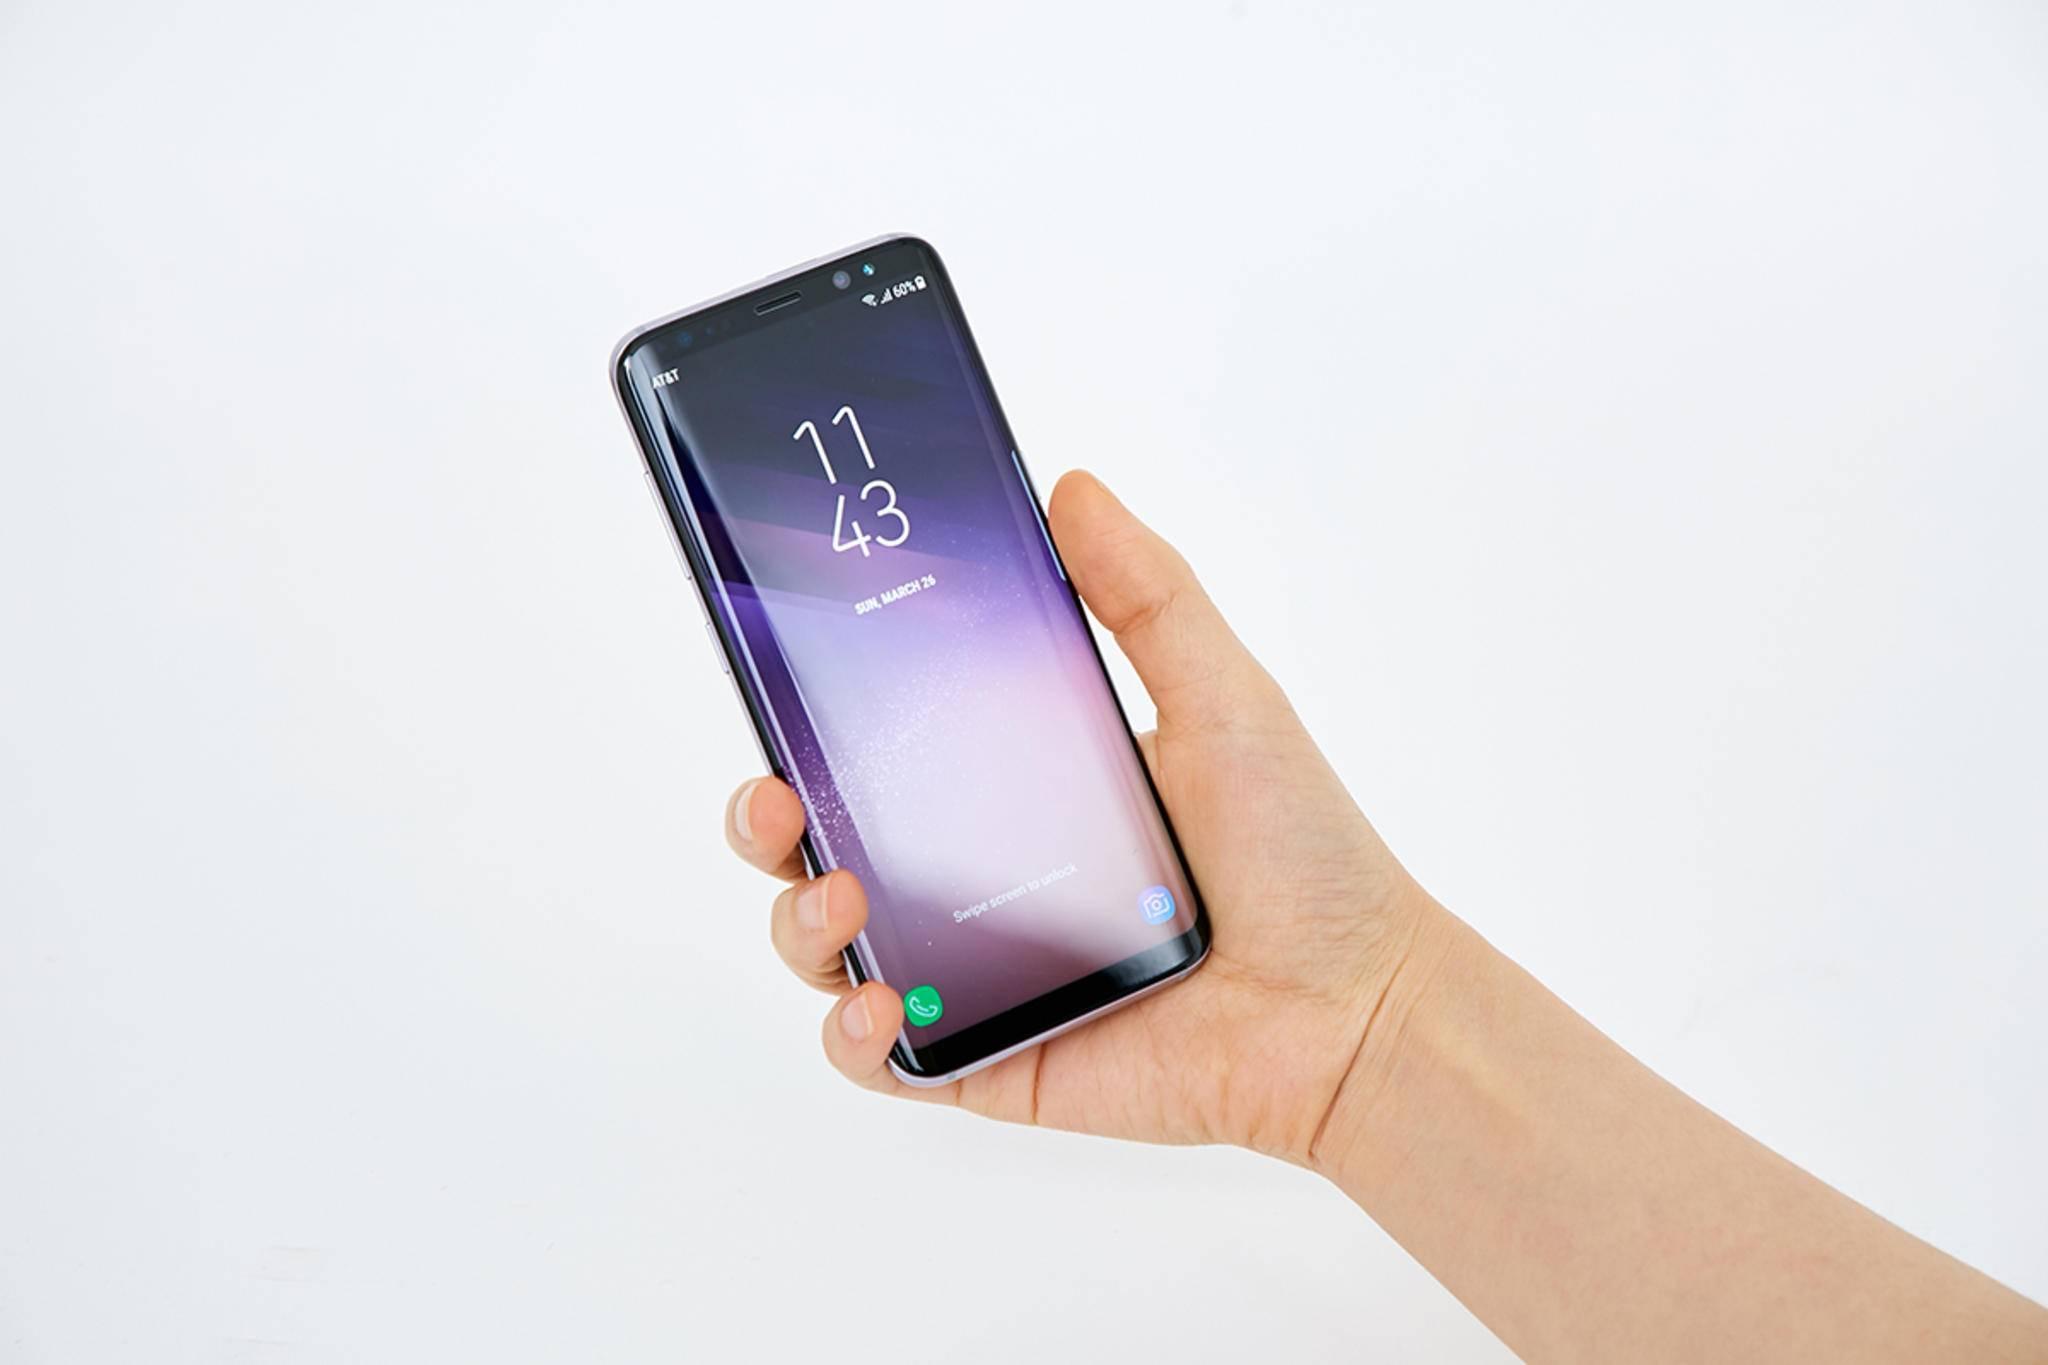 Keine Logos: Das Samsung Galaxy S8 kommt in den USA ohne Provider-Branding auf den Markt.